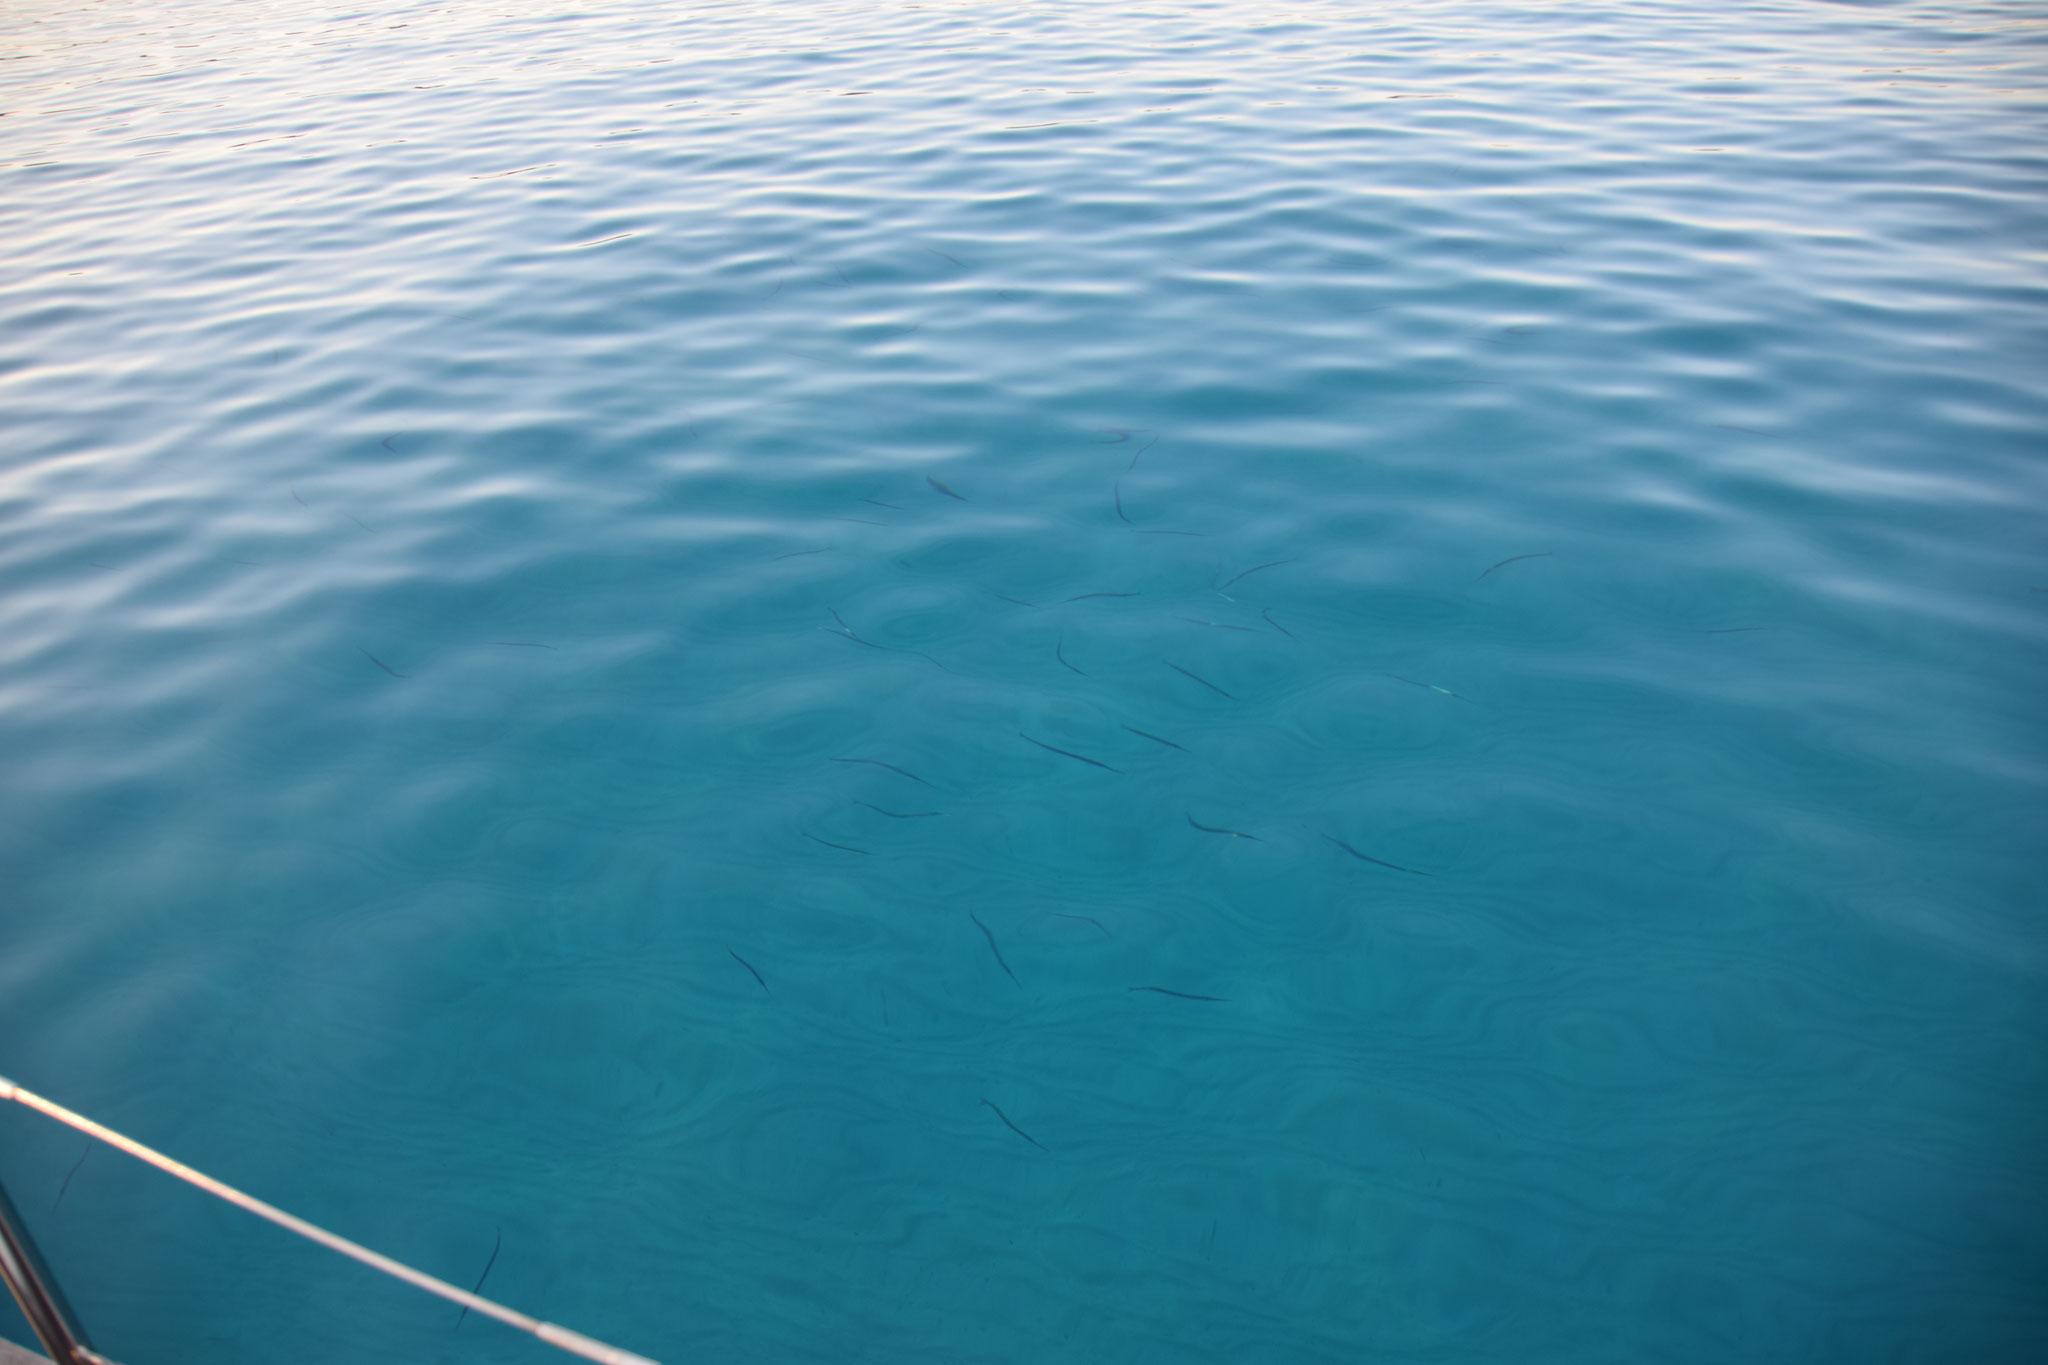 Am nächsten Morgen schwimmen viele Fische um uns herum...